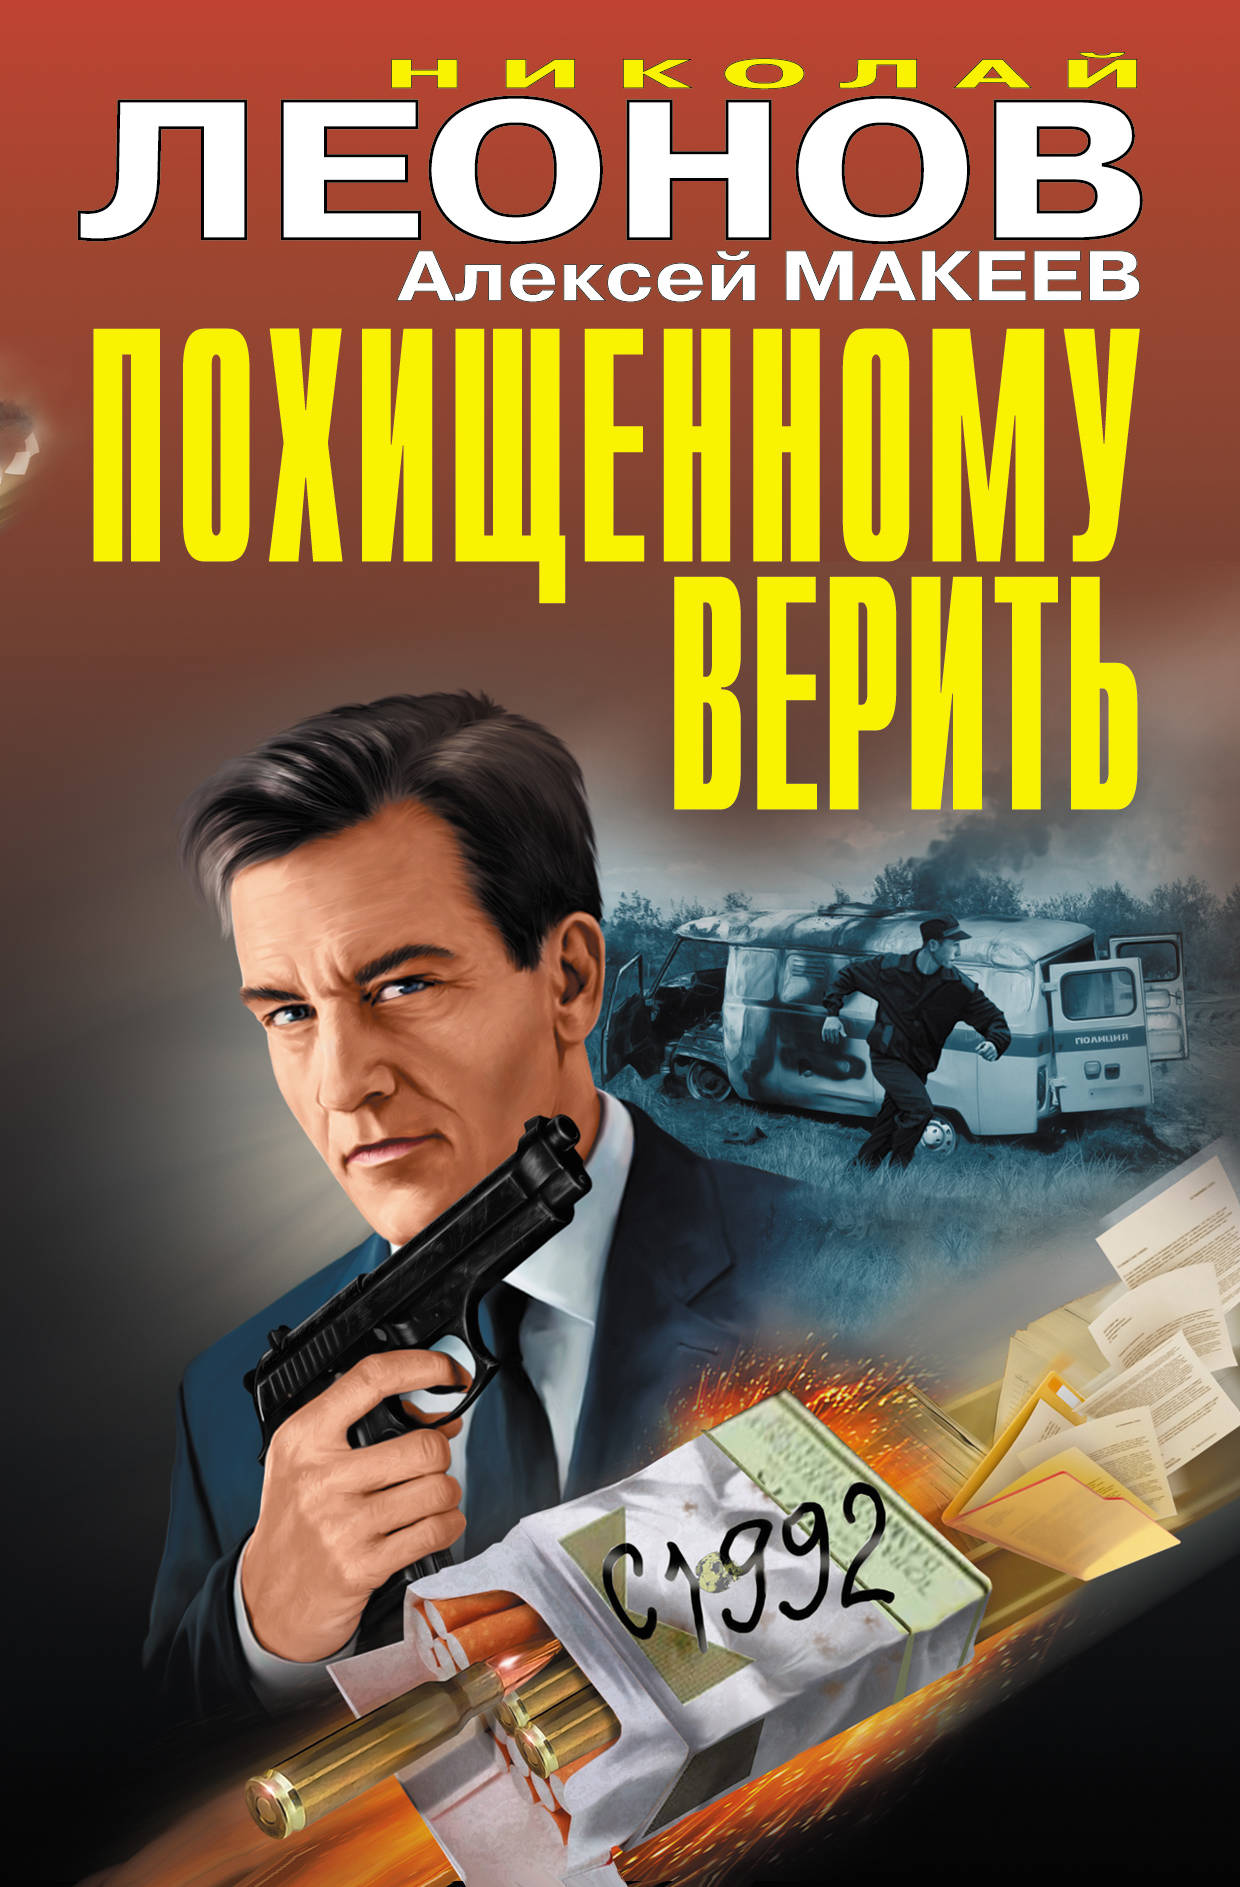 Леонов Николай Иванович; Макеев Алексей Викторович Похищенному верить